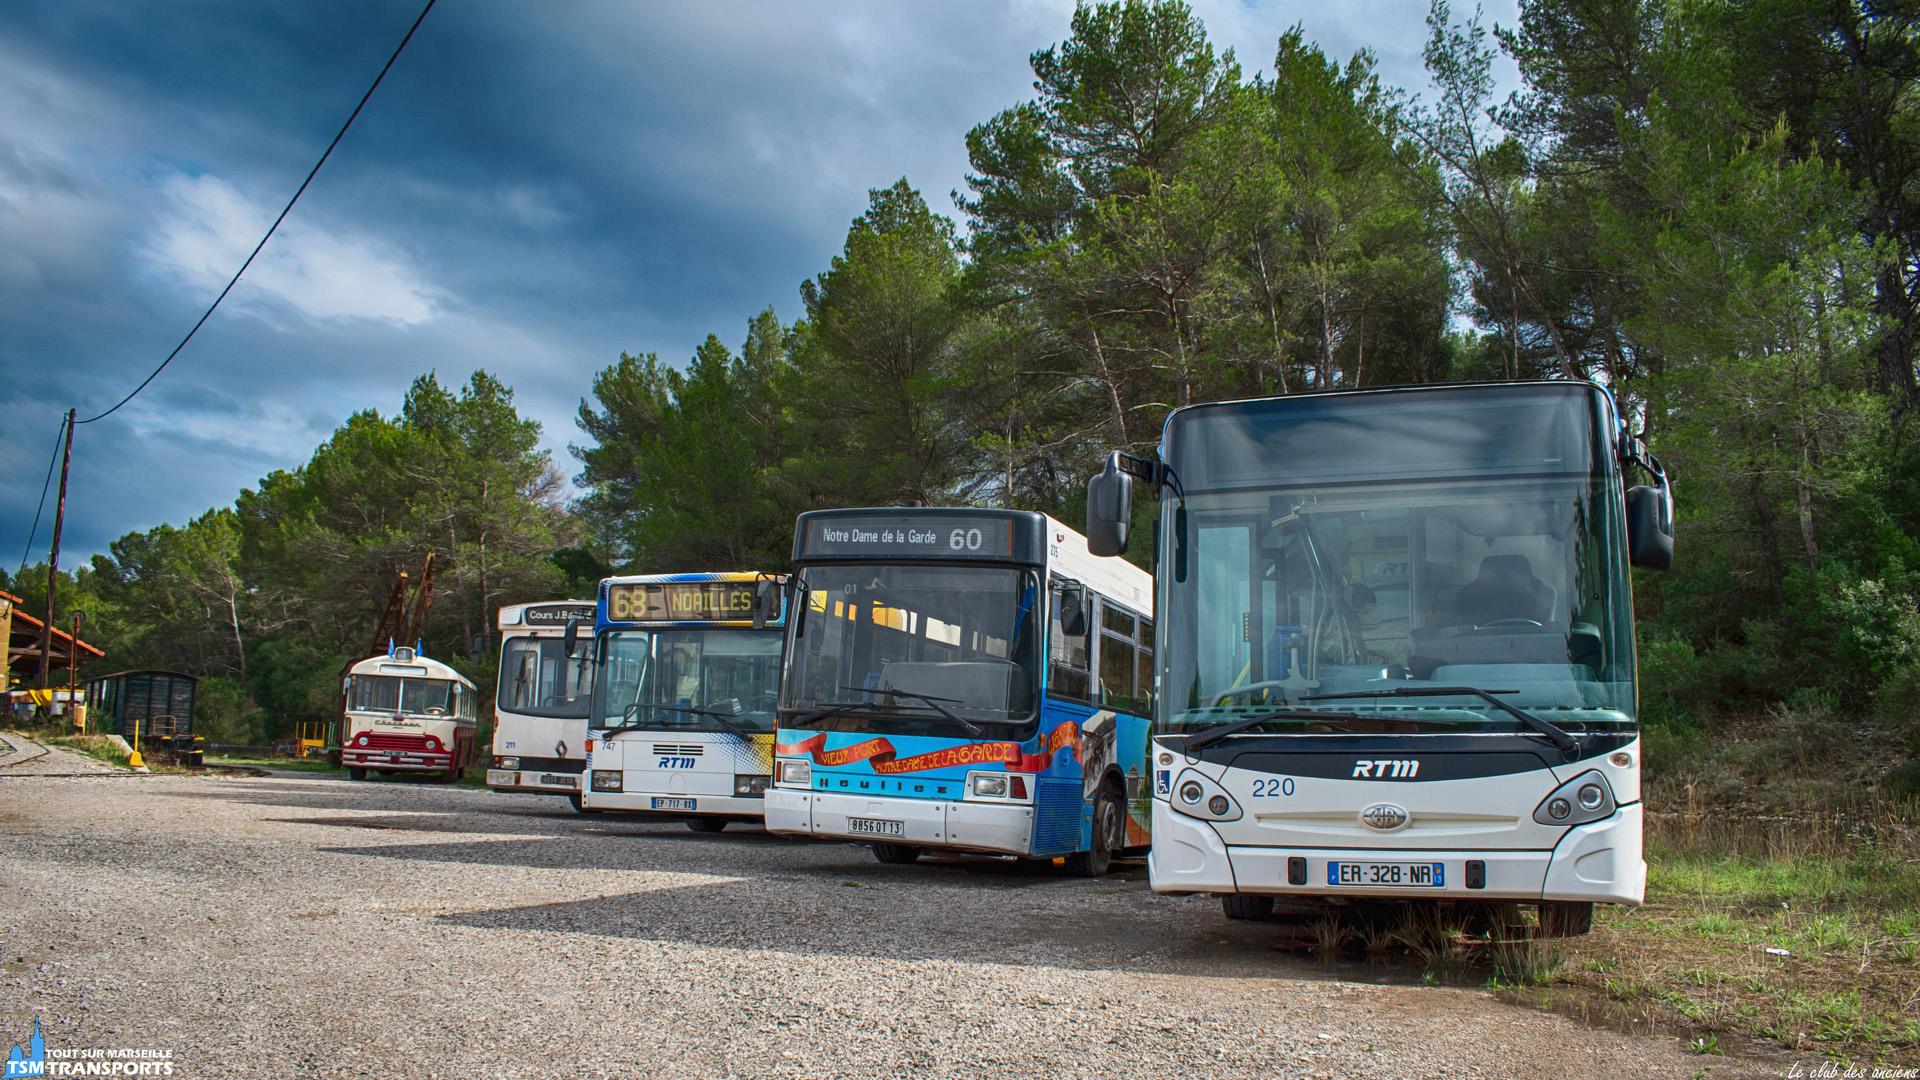 Retour sur les journées européennes du patrimoine (JEP) en Provence, deux associations (CPPVA et ARTM) se sont réunies pour exposer leurs véhicules sauvegarder à l'ancienne Gare de La Barque Fuveau. . Dans la brochette de bus vintage un nouvel arrivant est exposé cette année, après seulement une dizaine d'années de service un GX127 de la RTM a fait son entrée dans la collection de l'association ARTM. . ℹ️ De gauche à droite : - Autobus Chausson. - Renault ER100. - Mercedes Benz O405N3. - Heuliez Bus GX77H. - Heuliez Bus GX127. . Le petit train de la Sainte Victoire était également de la partie durant le weekend des portes ouvertes. . 📖 CPPVA : Conservatoire Provençal du Patrimoine des Véhicules Anciens. . 📖² : ARTM : Les Amis du Rail et des Transports de Marseille. . 📍 Gare de la Barque, Chemin de la bergerie, 13710 Fuveau. . 📸 Nikon D5600. . 📷 Nikkor 18-55mm. . 📅 22 Septembre 2019 à 15:53.